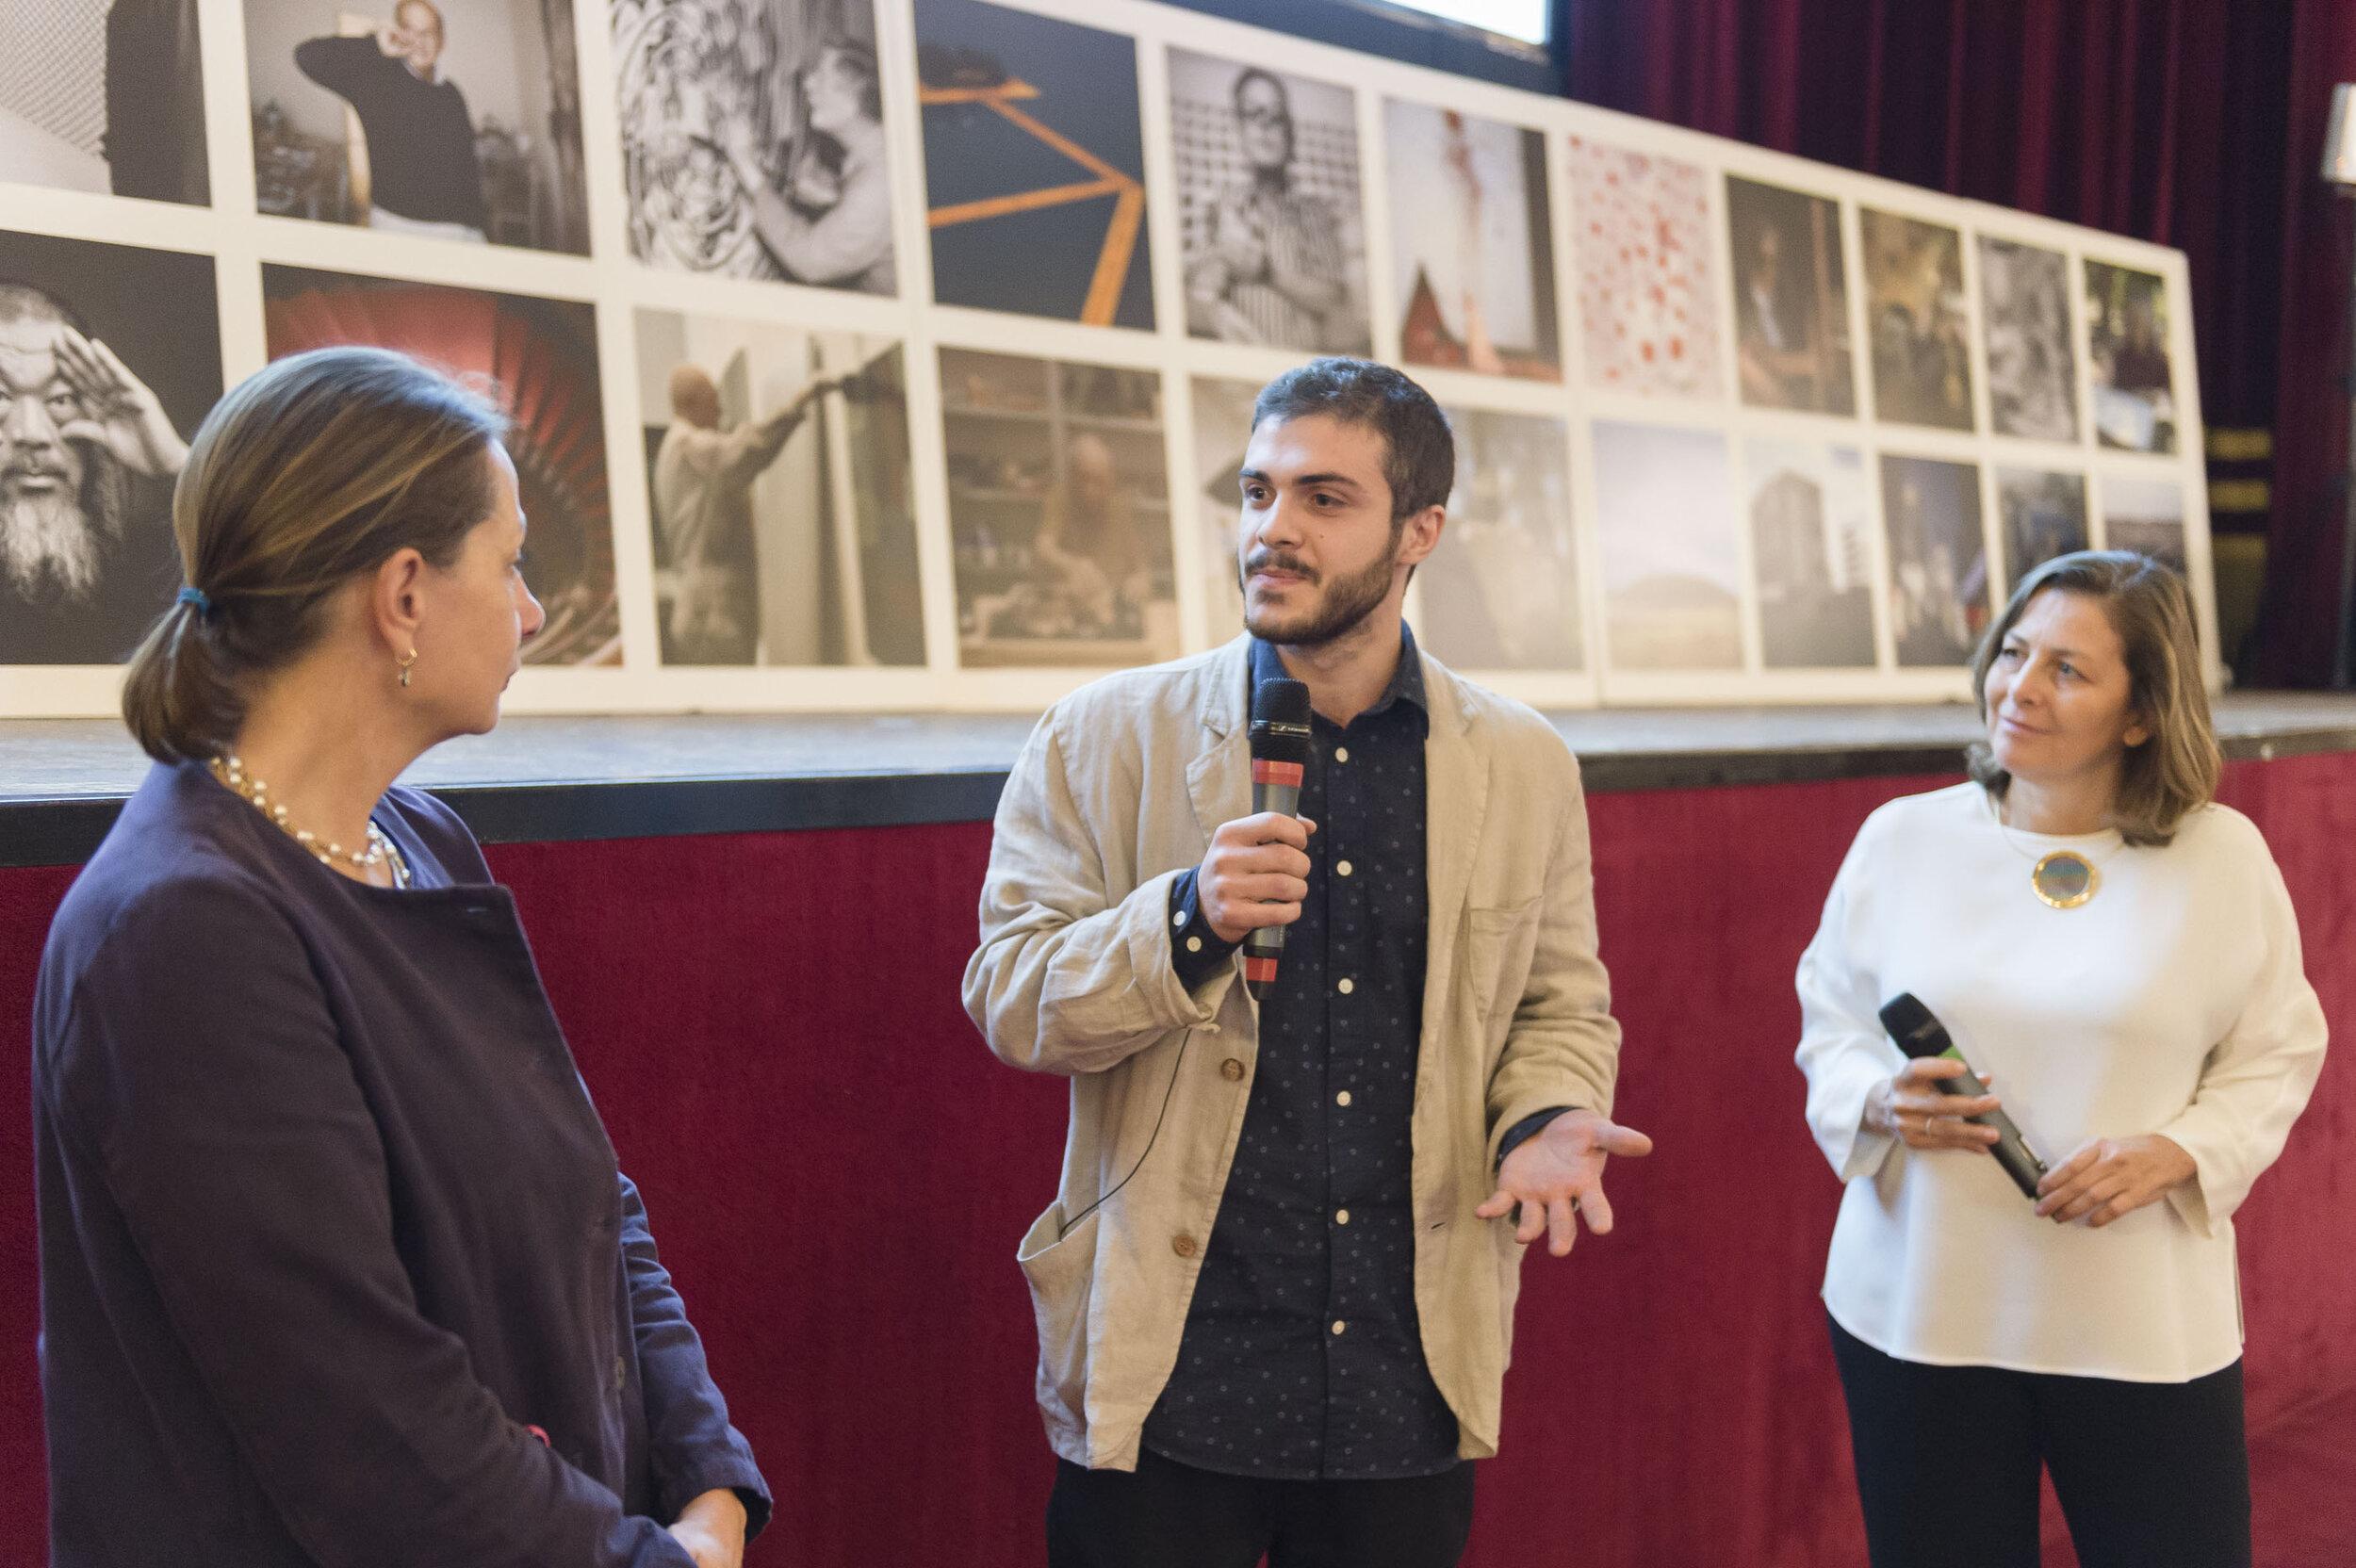 Artecinema 2019_ph Francesco Squeglia_9536.jpg